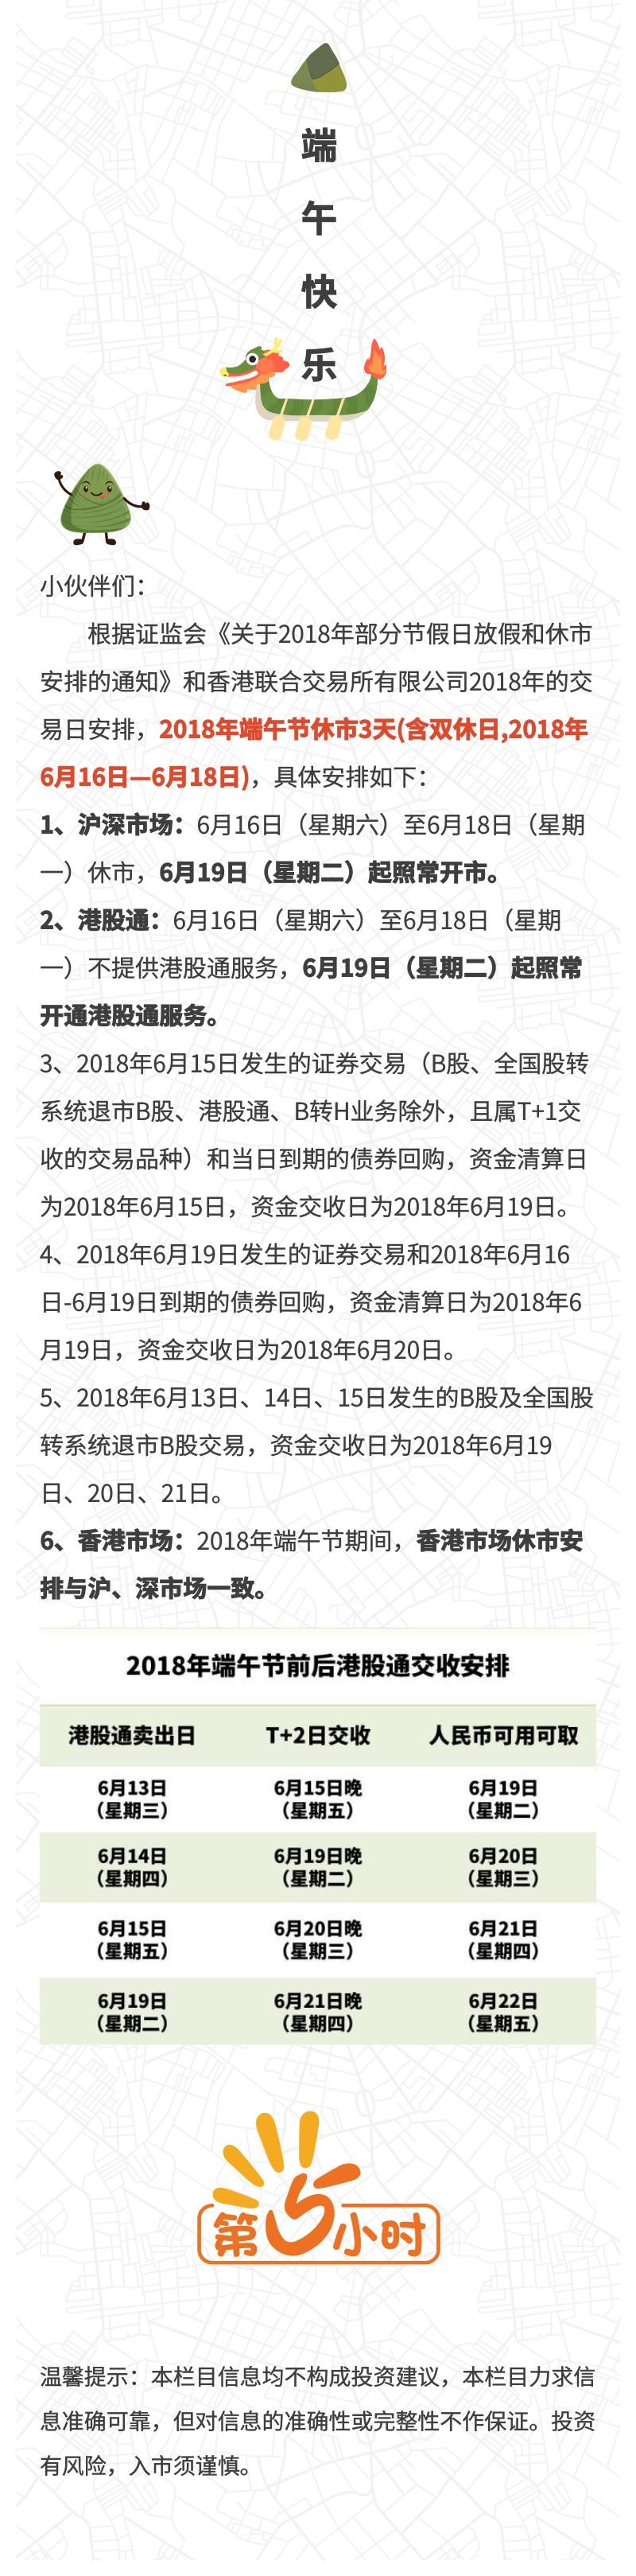 2018年端午节期间沪、深及港股通交易日安排.jpg